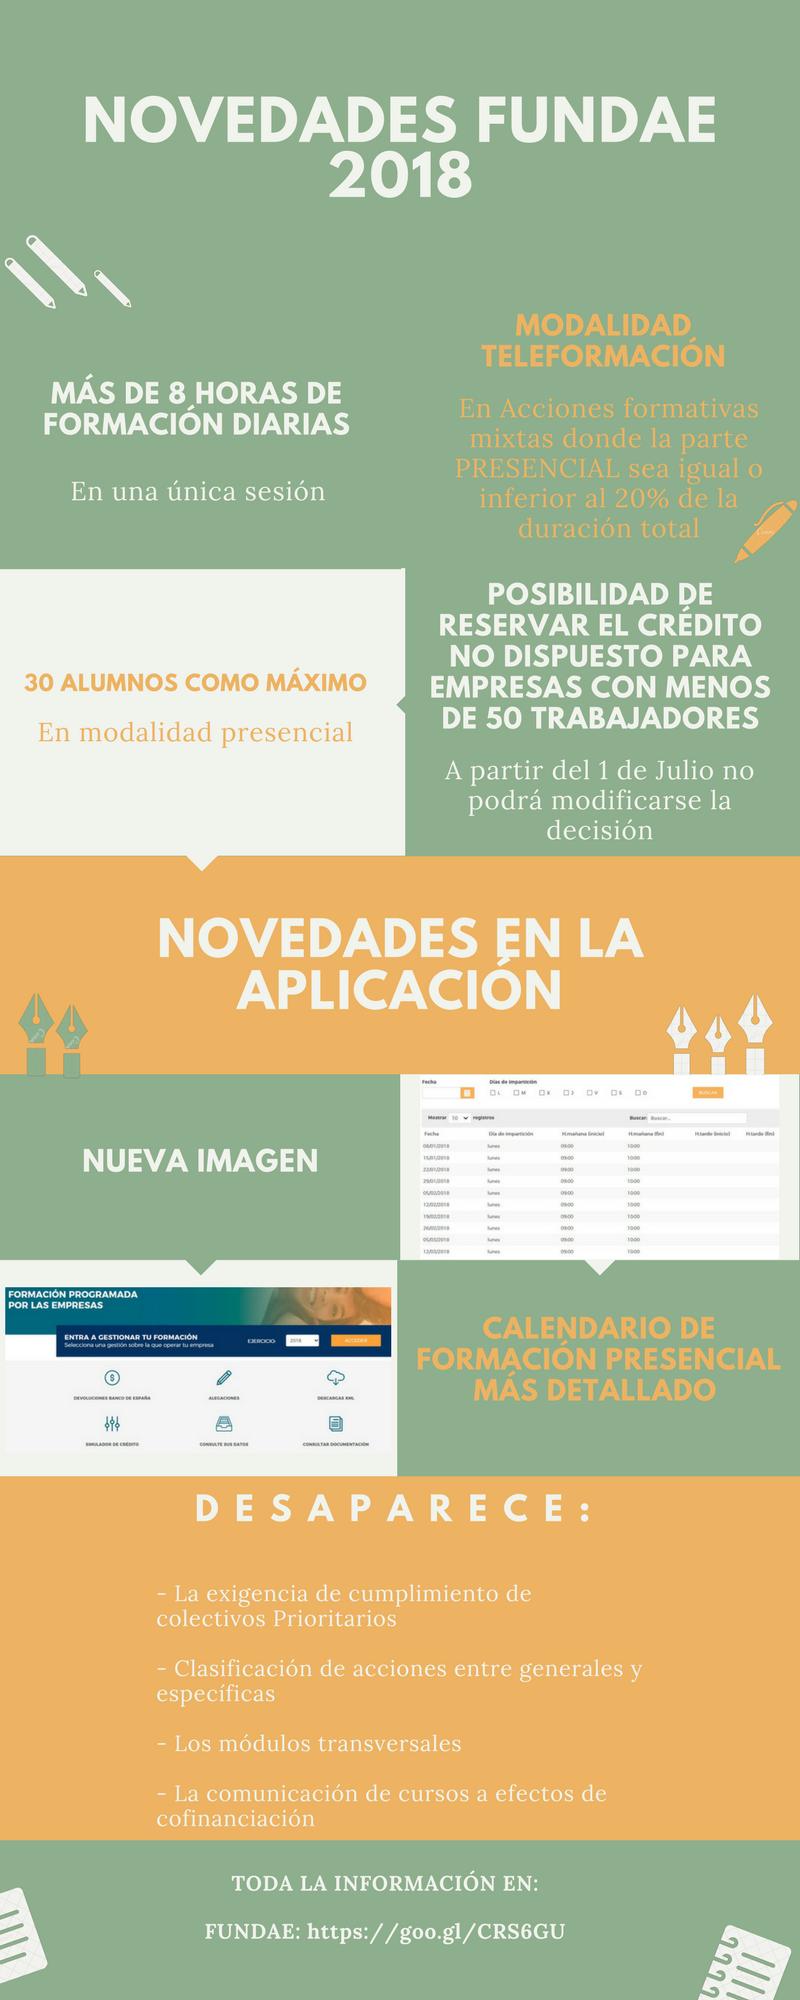 Infografia Fundae 2018